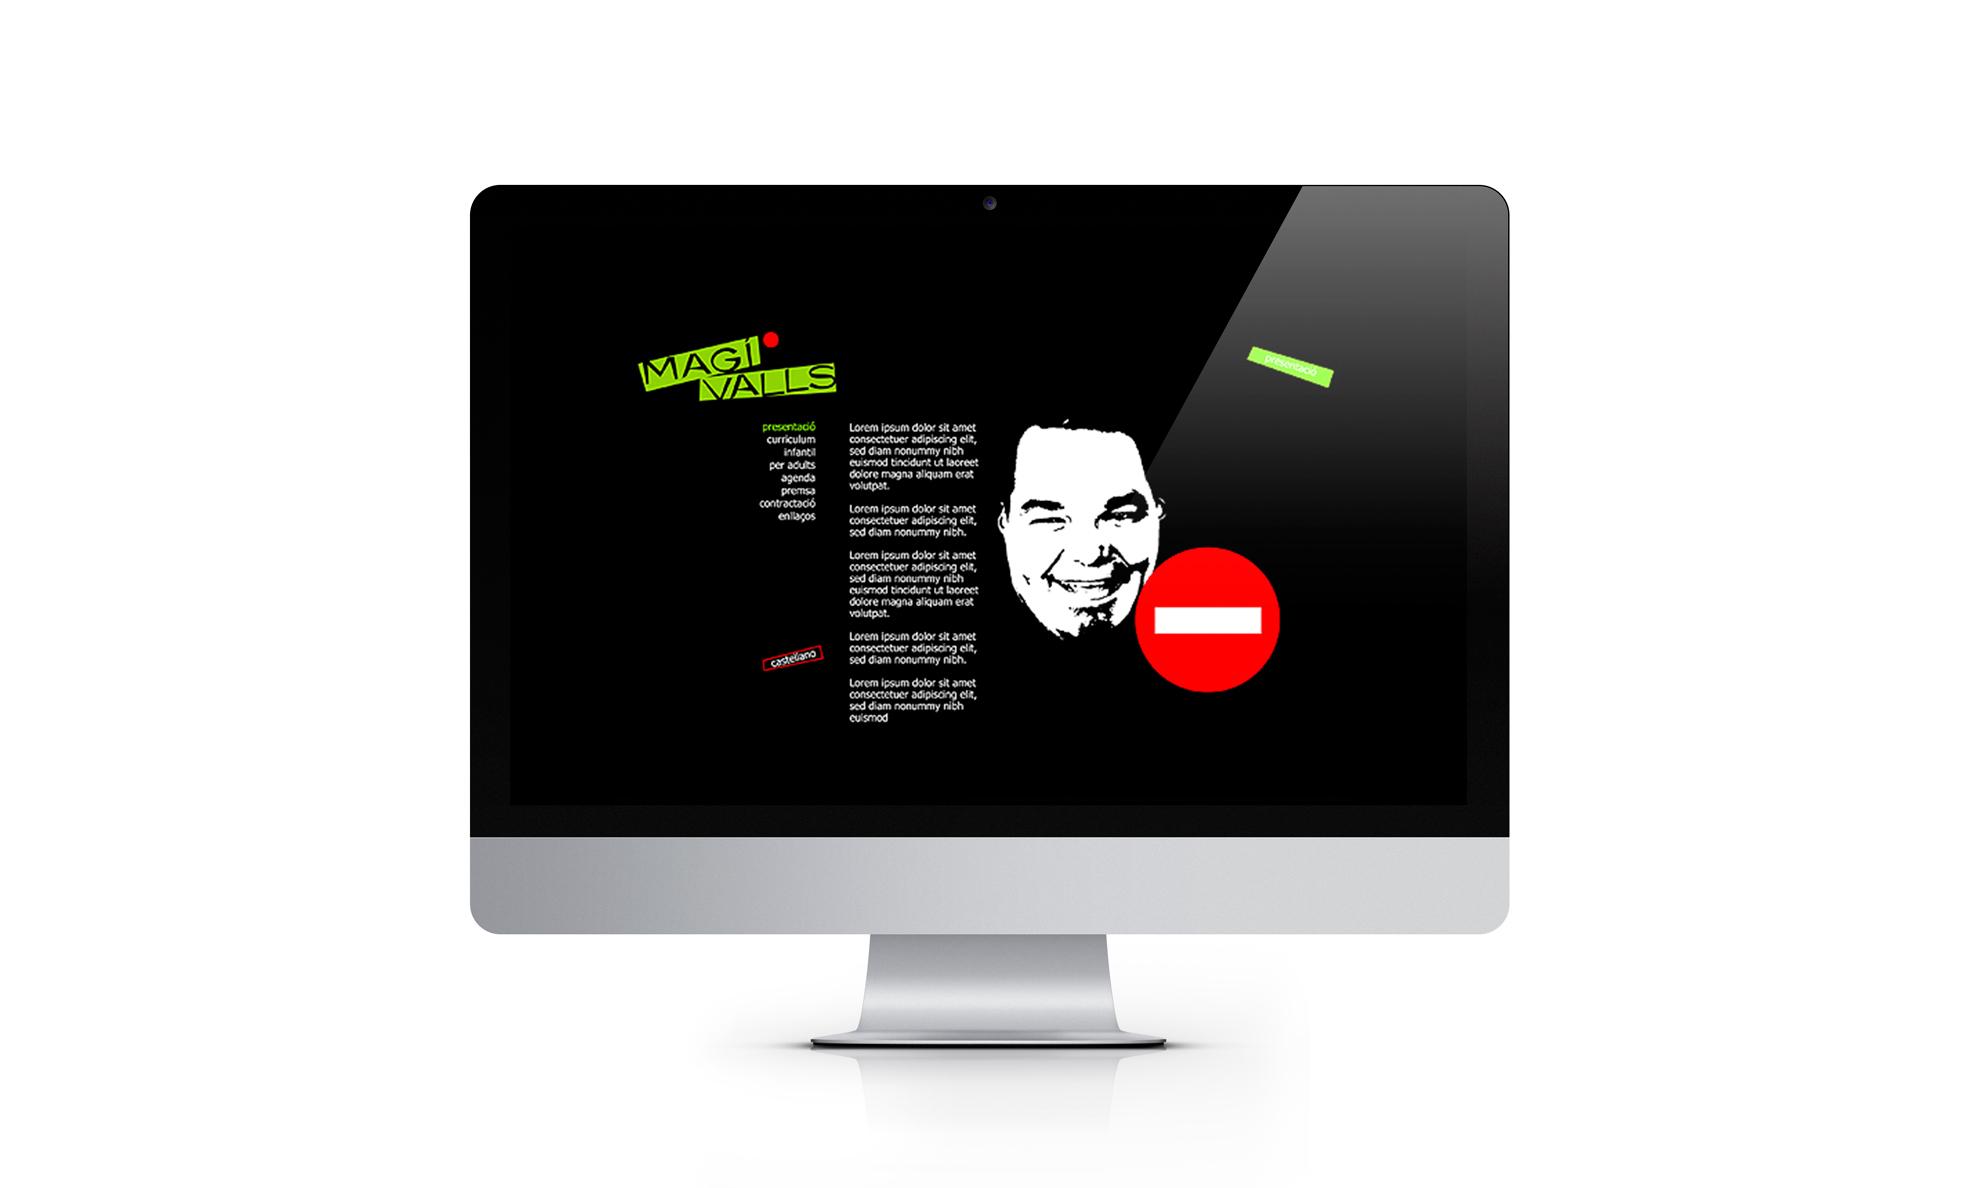 Web-Magi-Valls-02